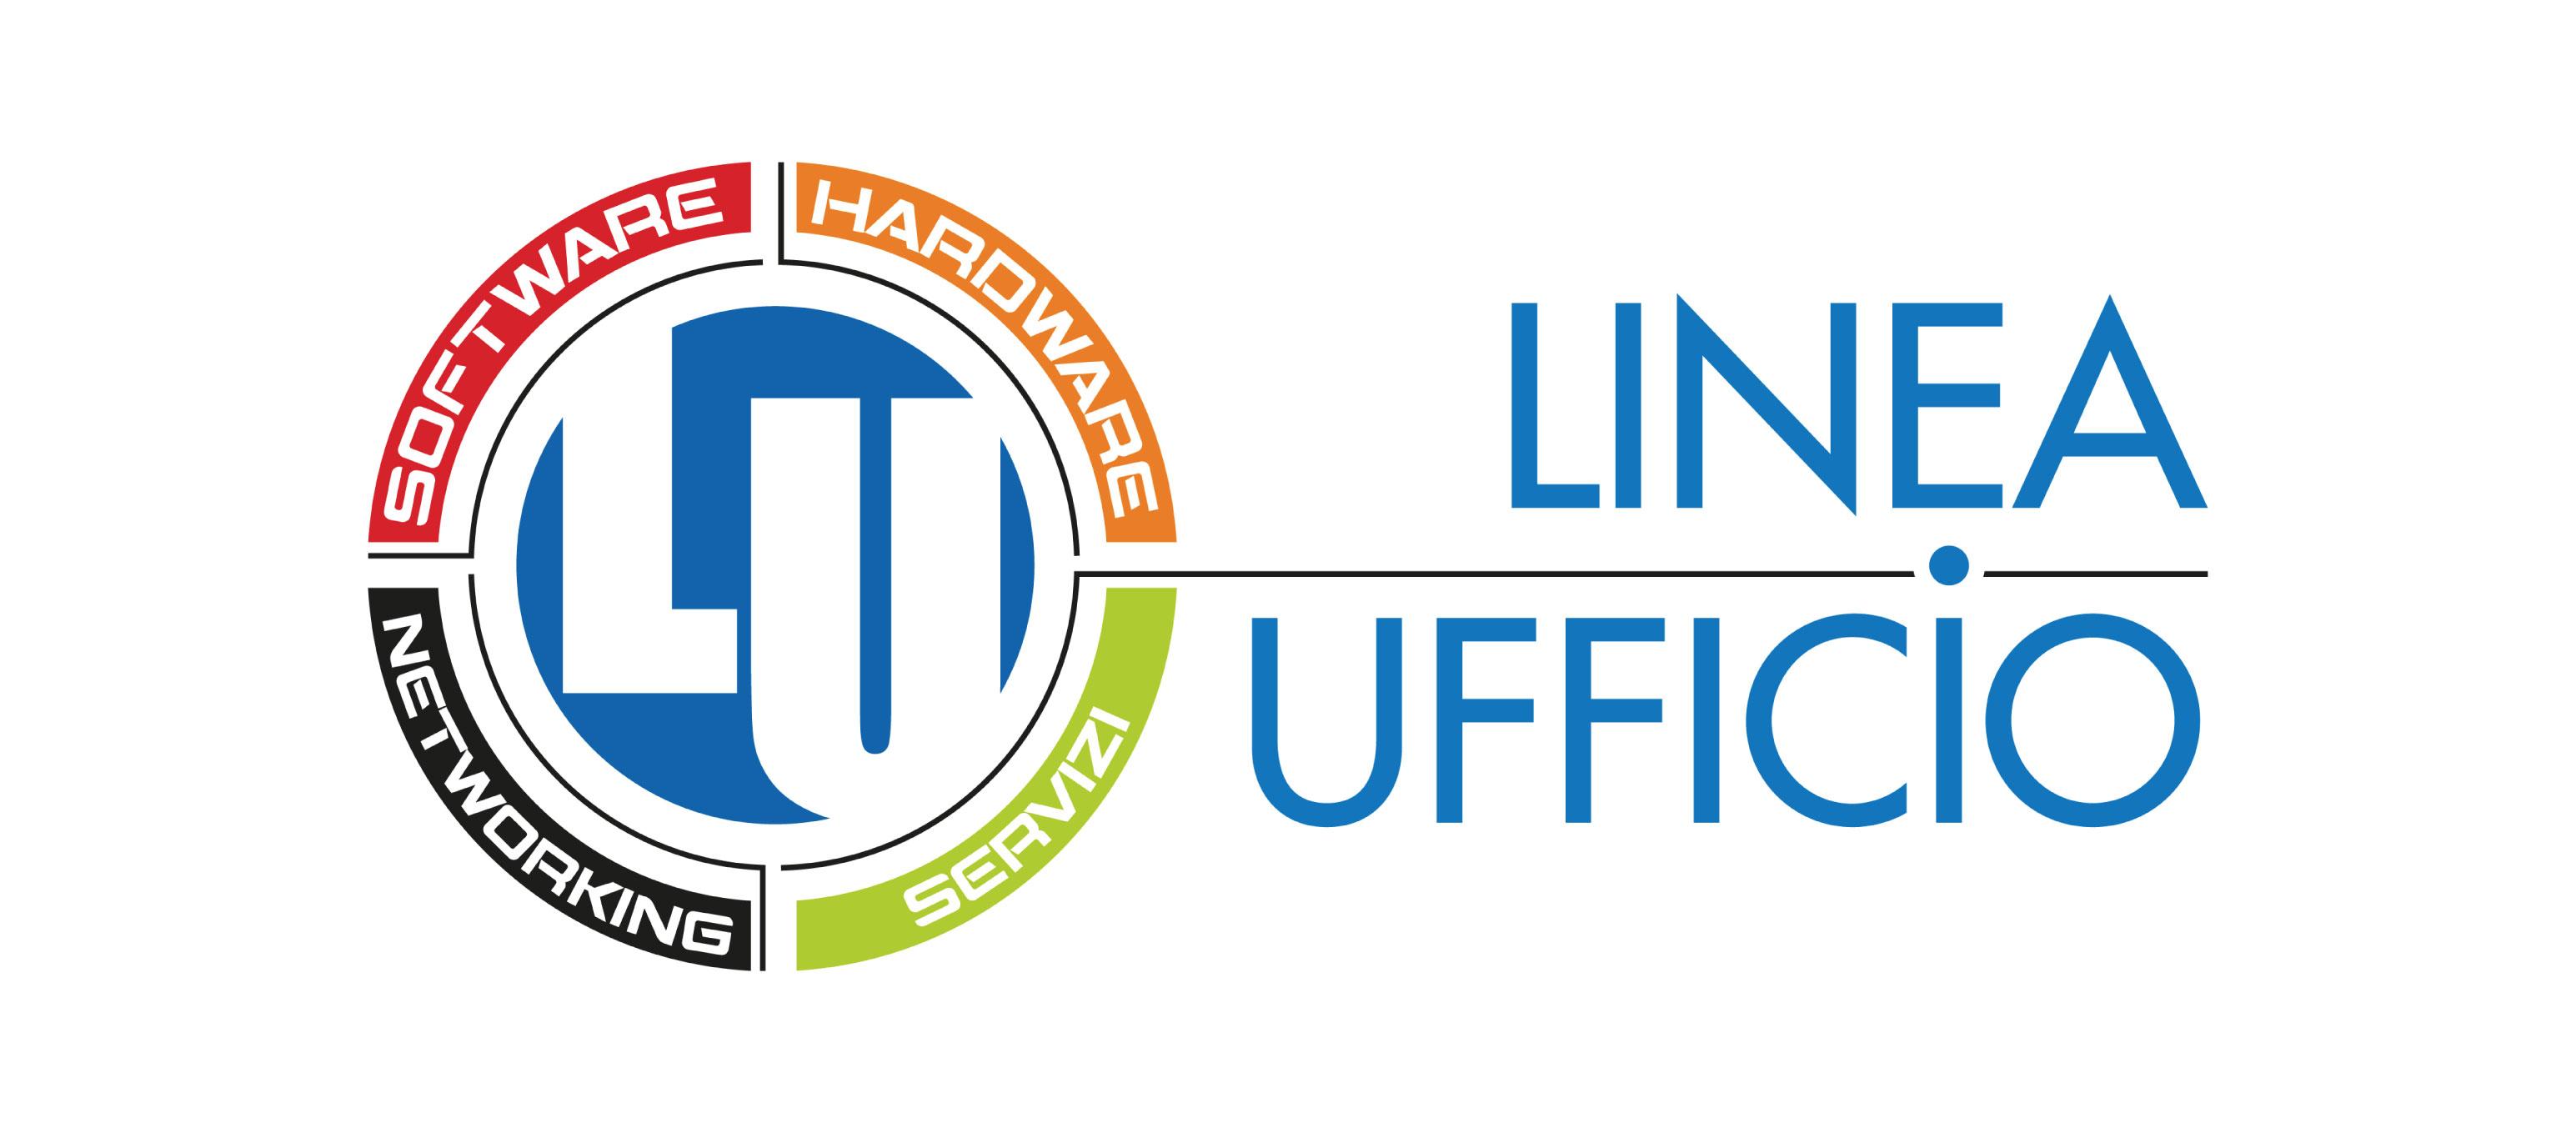 Linea Ufficio srl